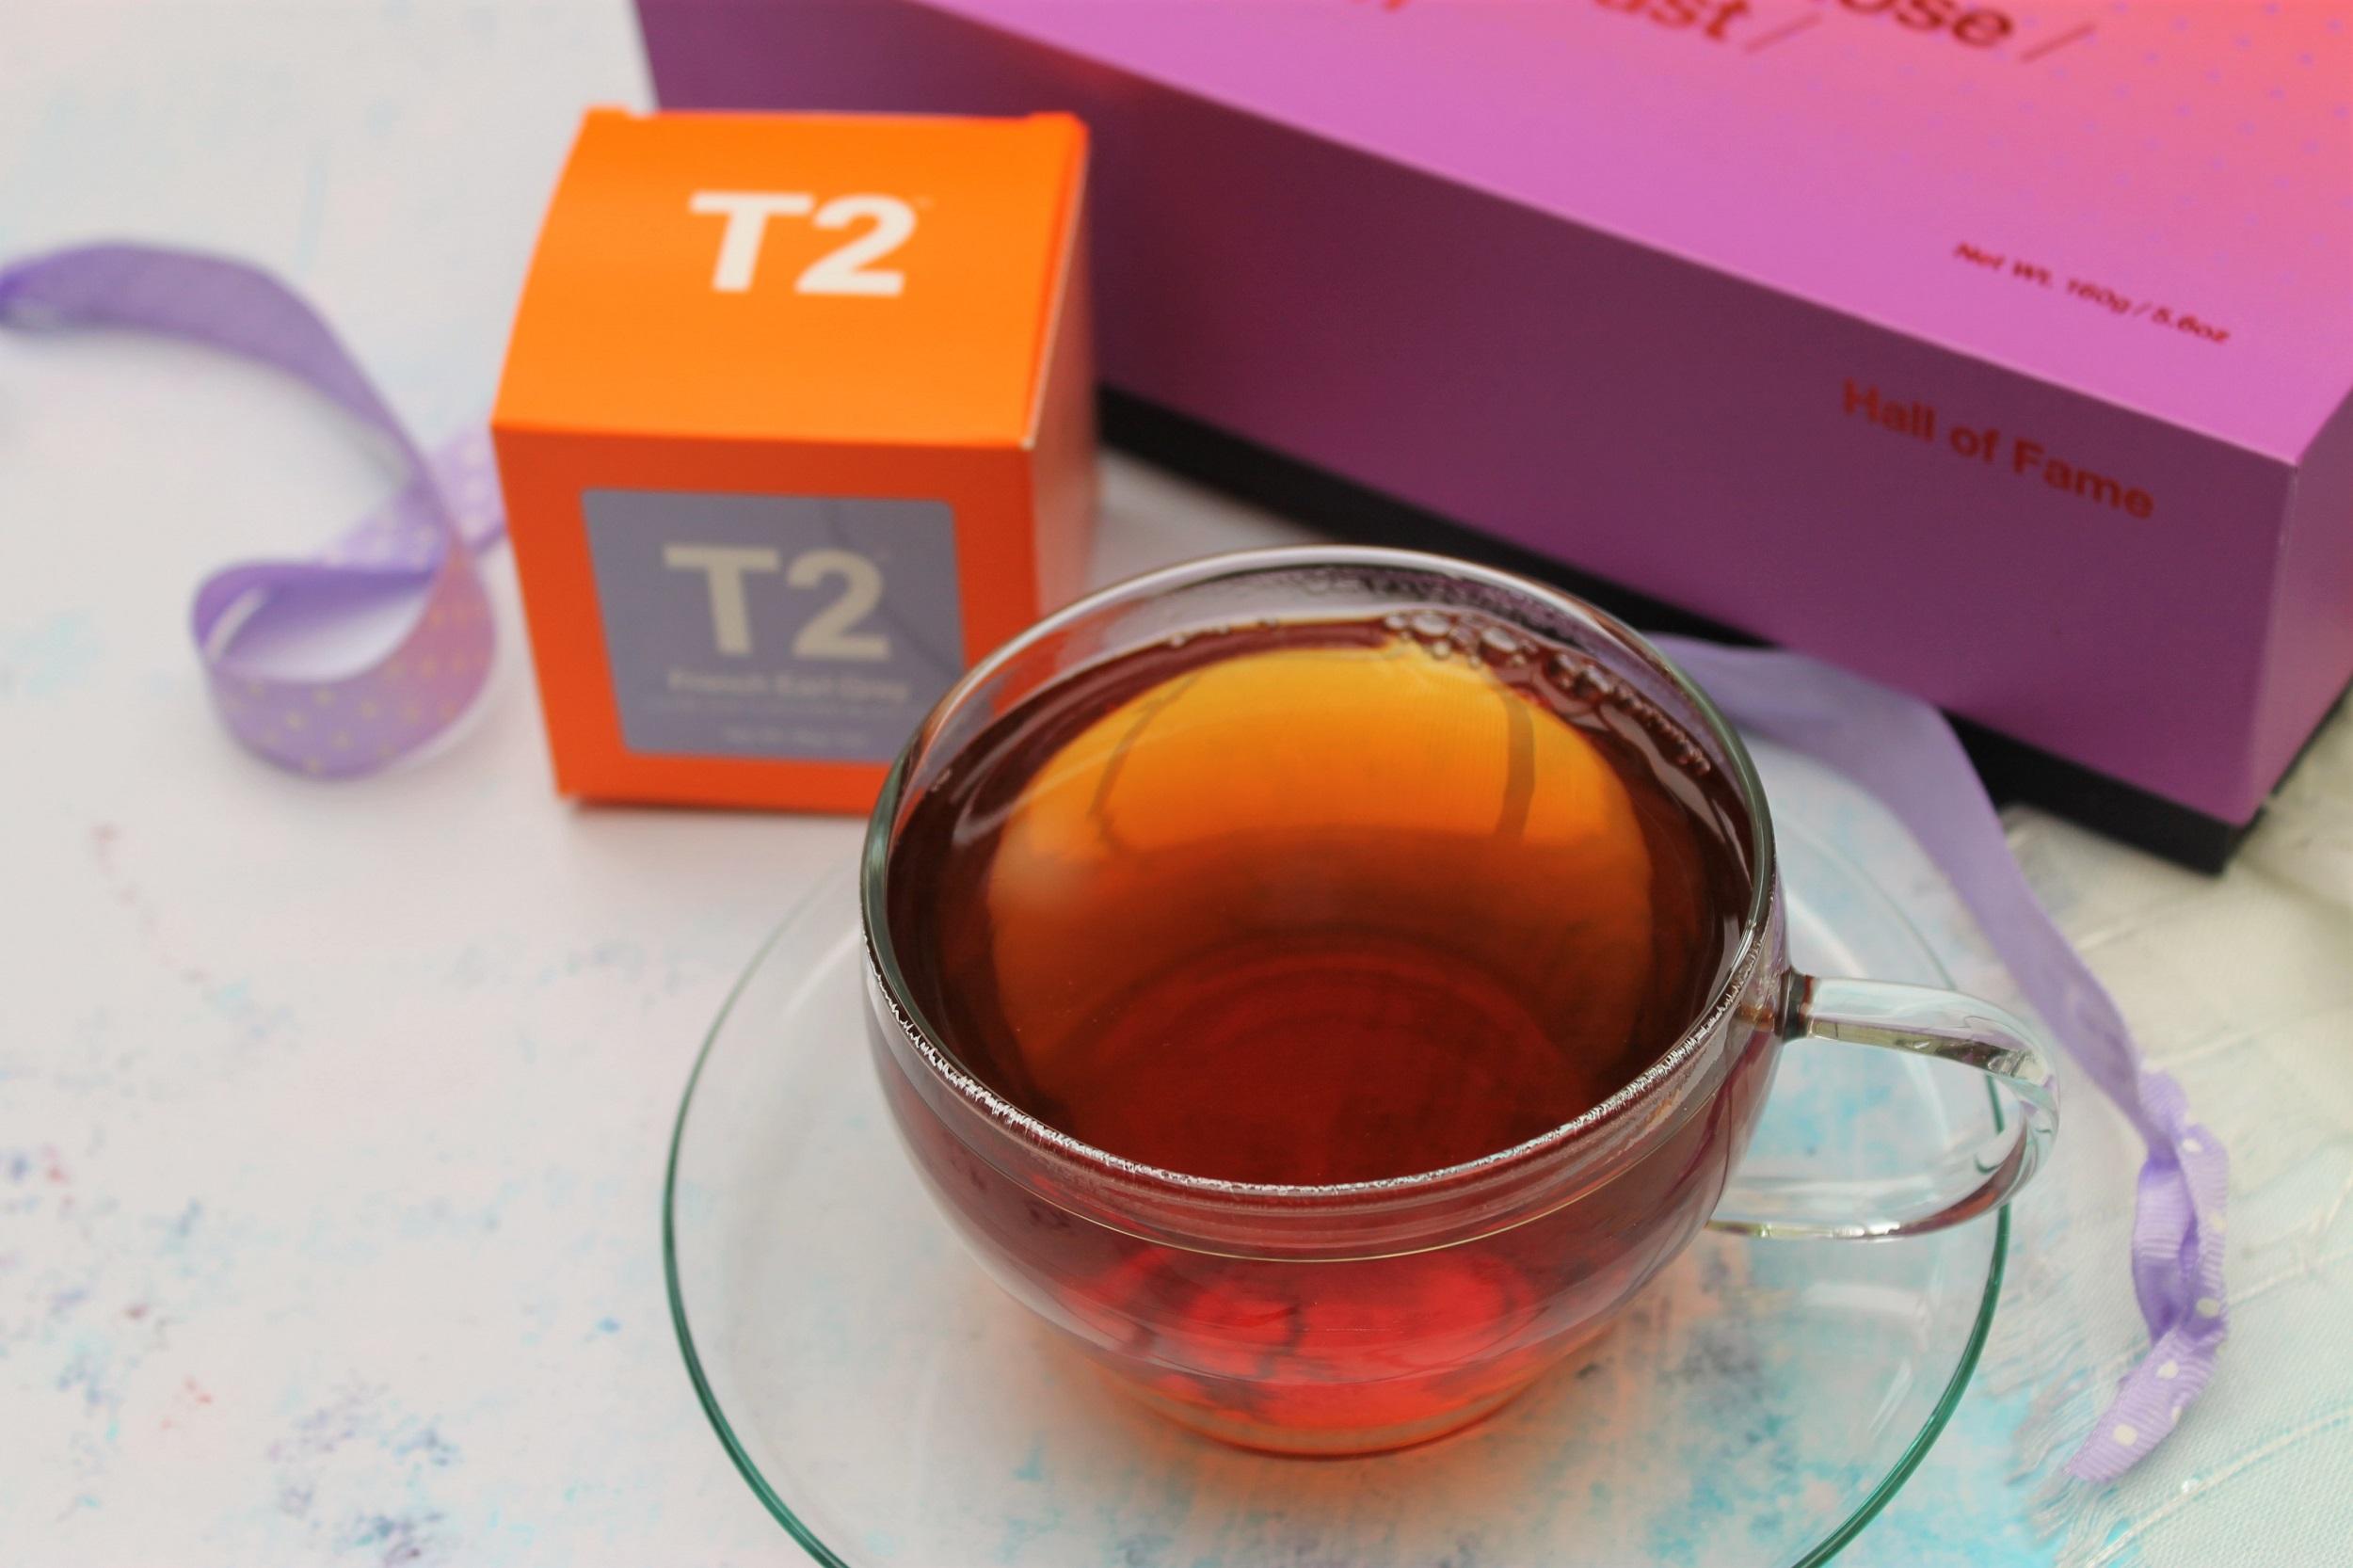 t2 french earl grey loose leaf tea